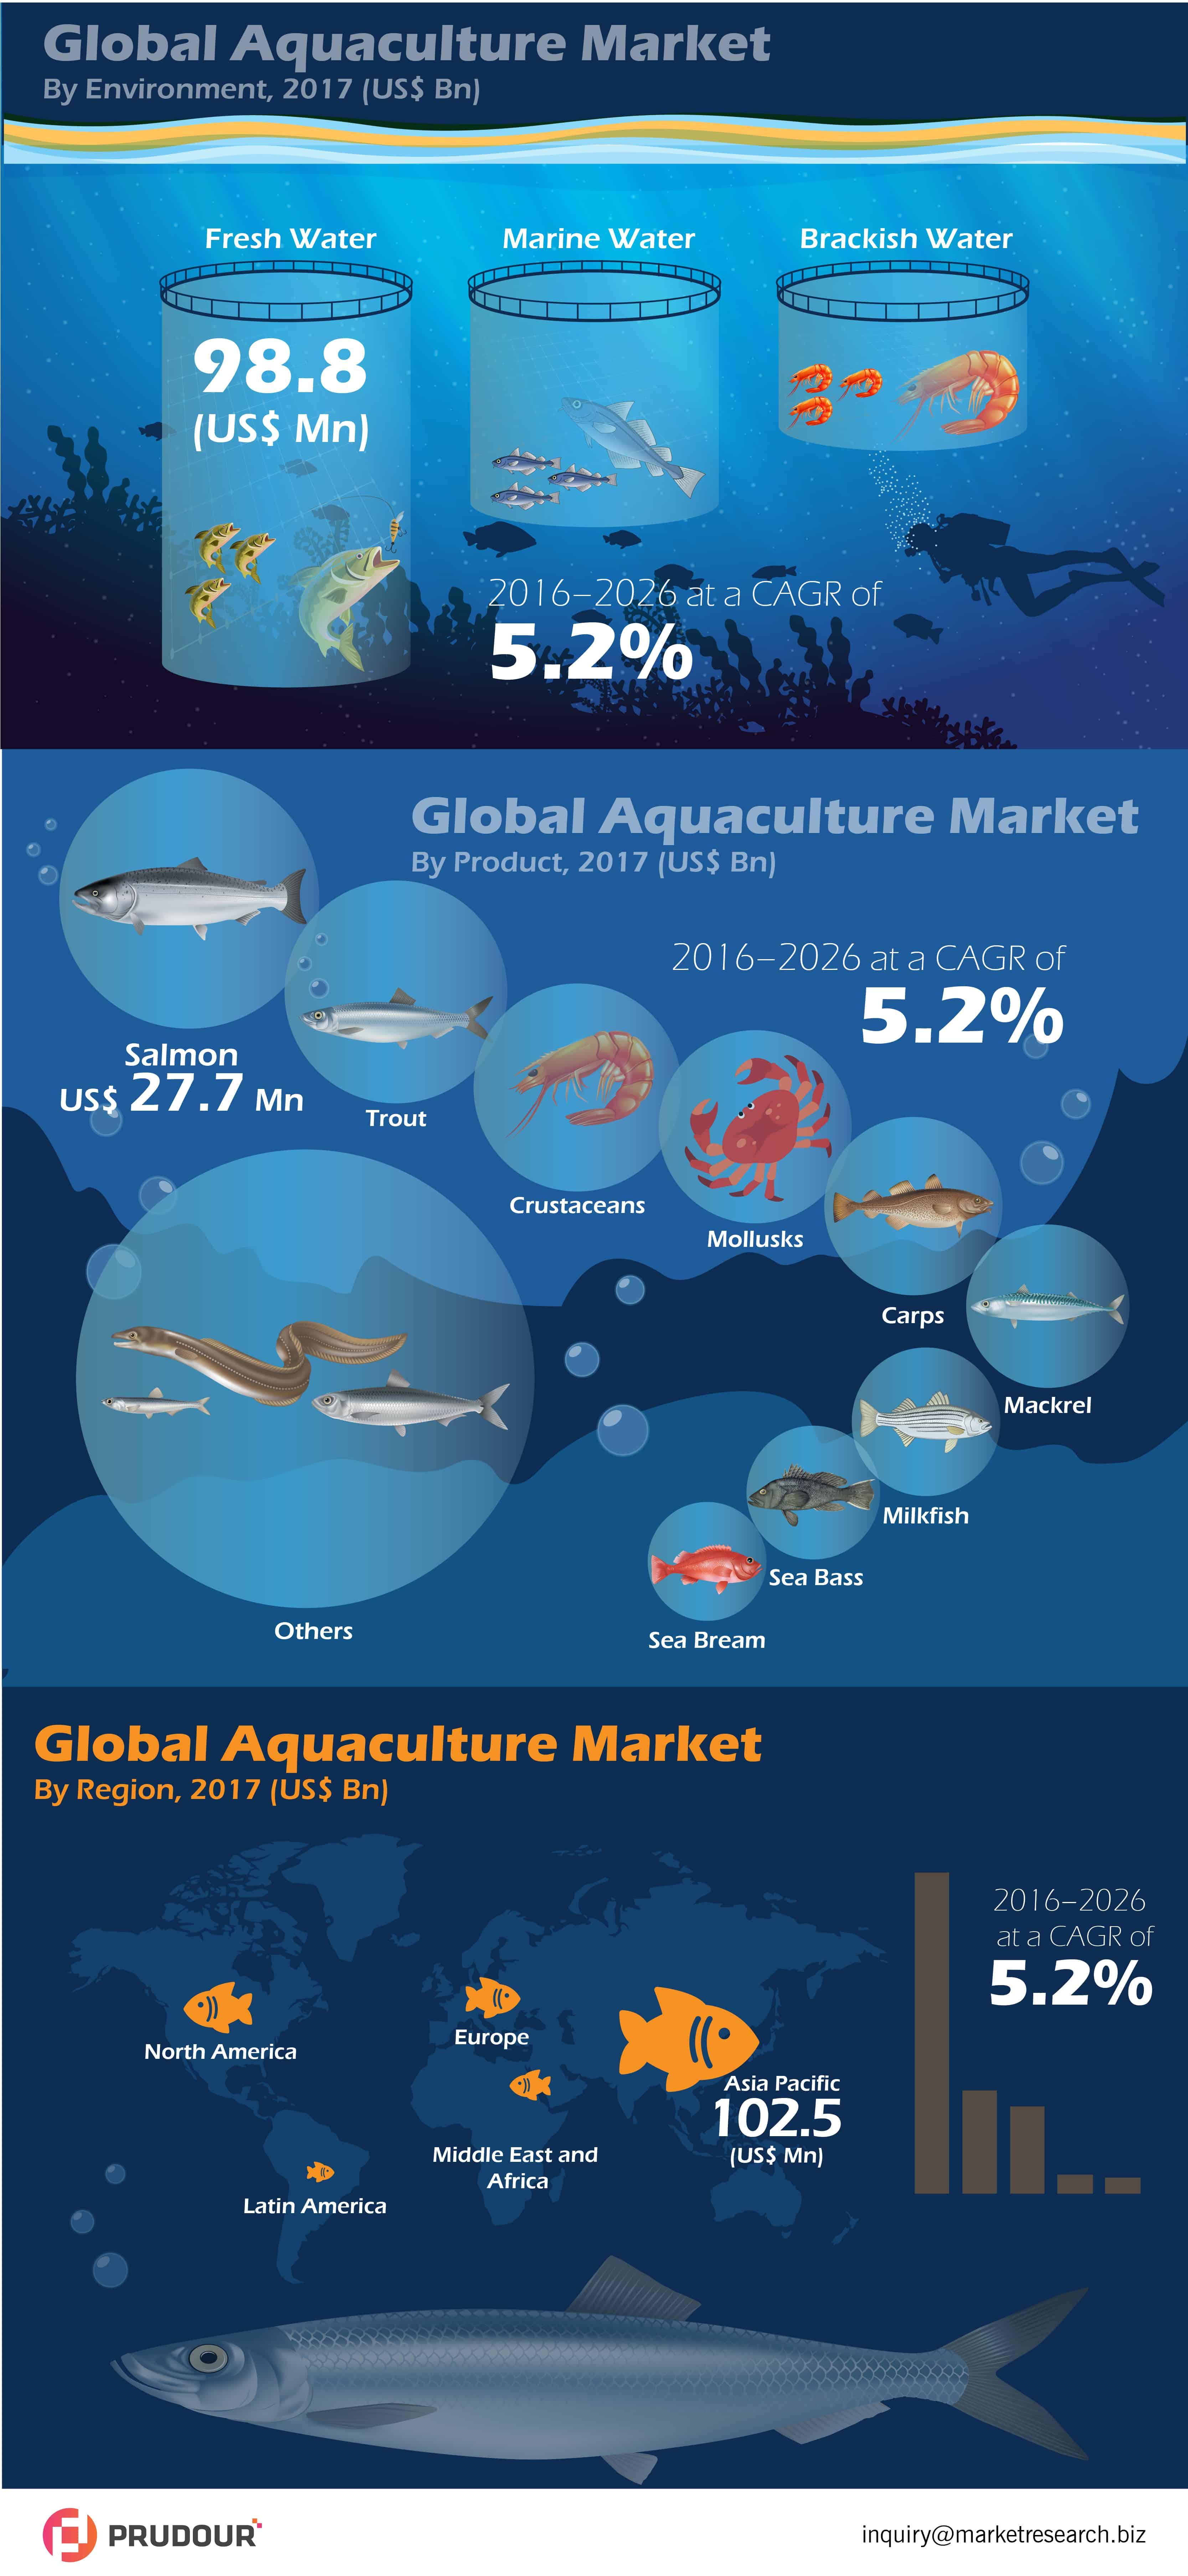 Global Aquaculture Market